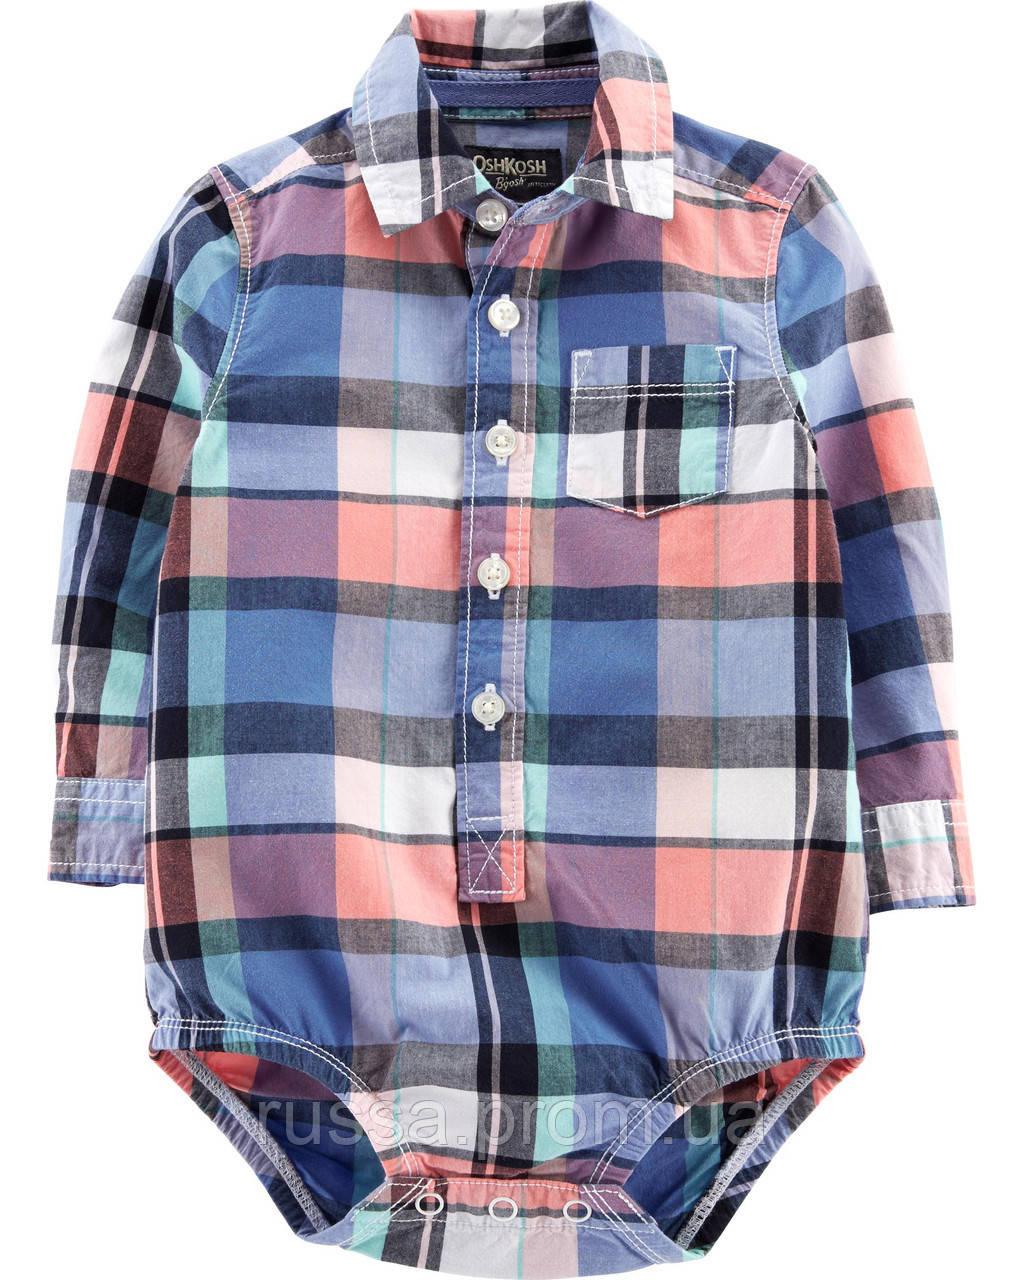 Детская клетчатая боди-рубашка с длинным рукавом ОшКош для мальчика